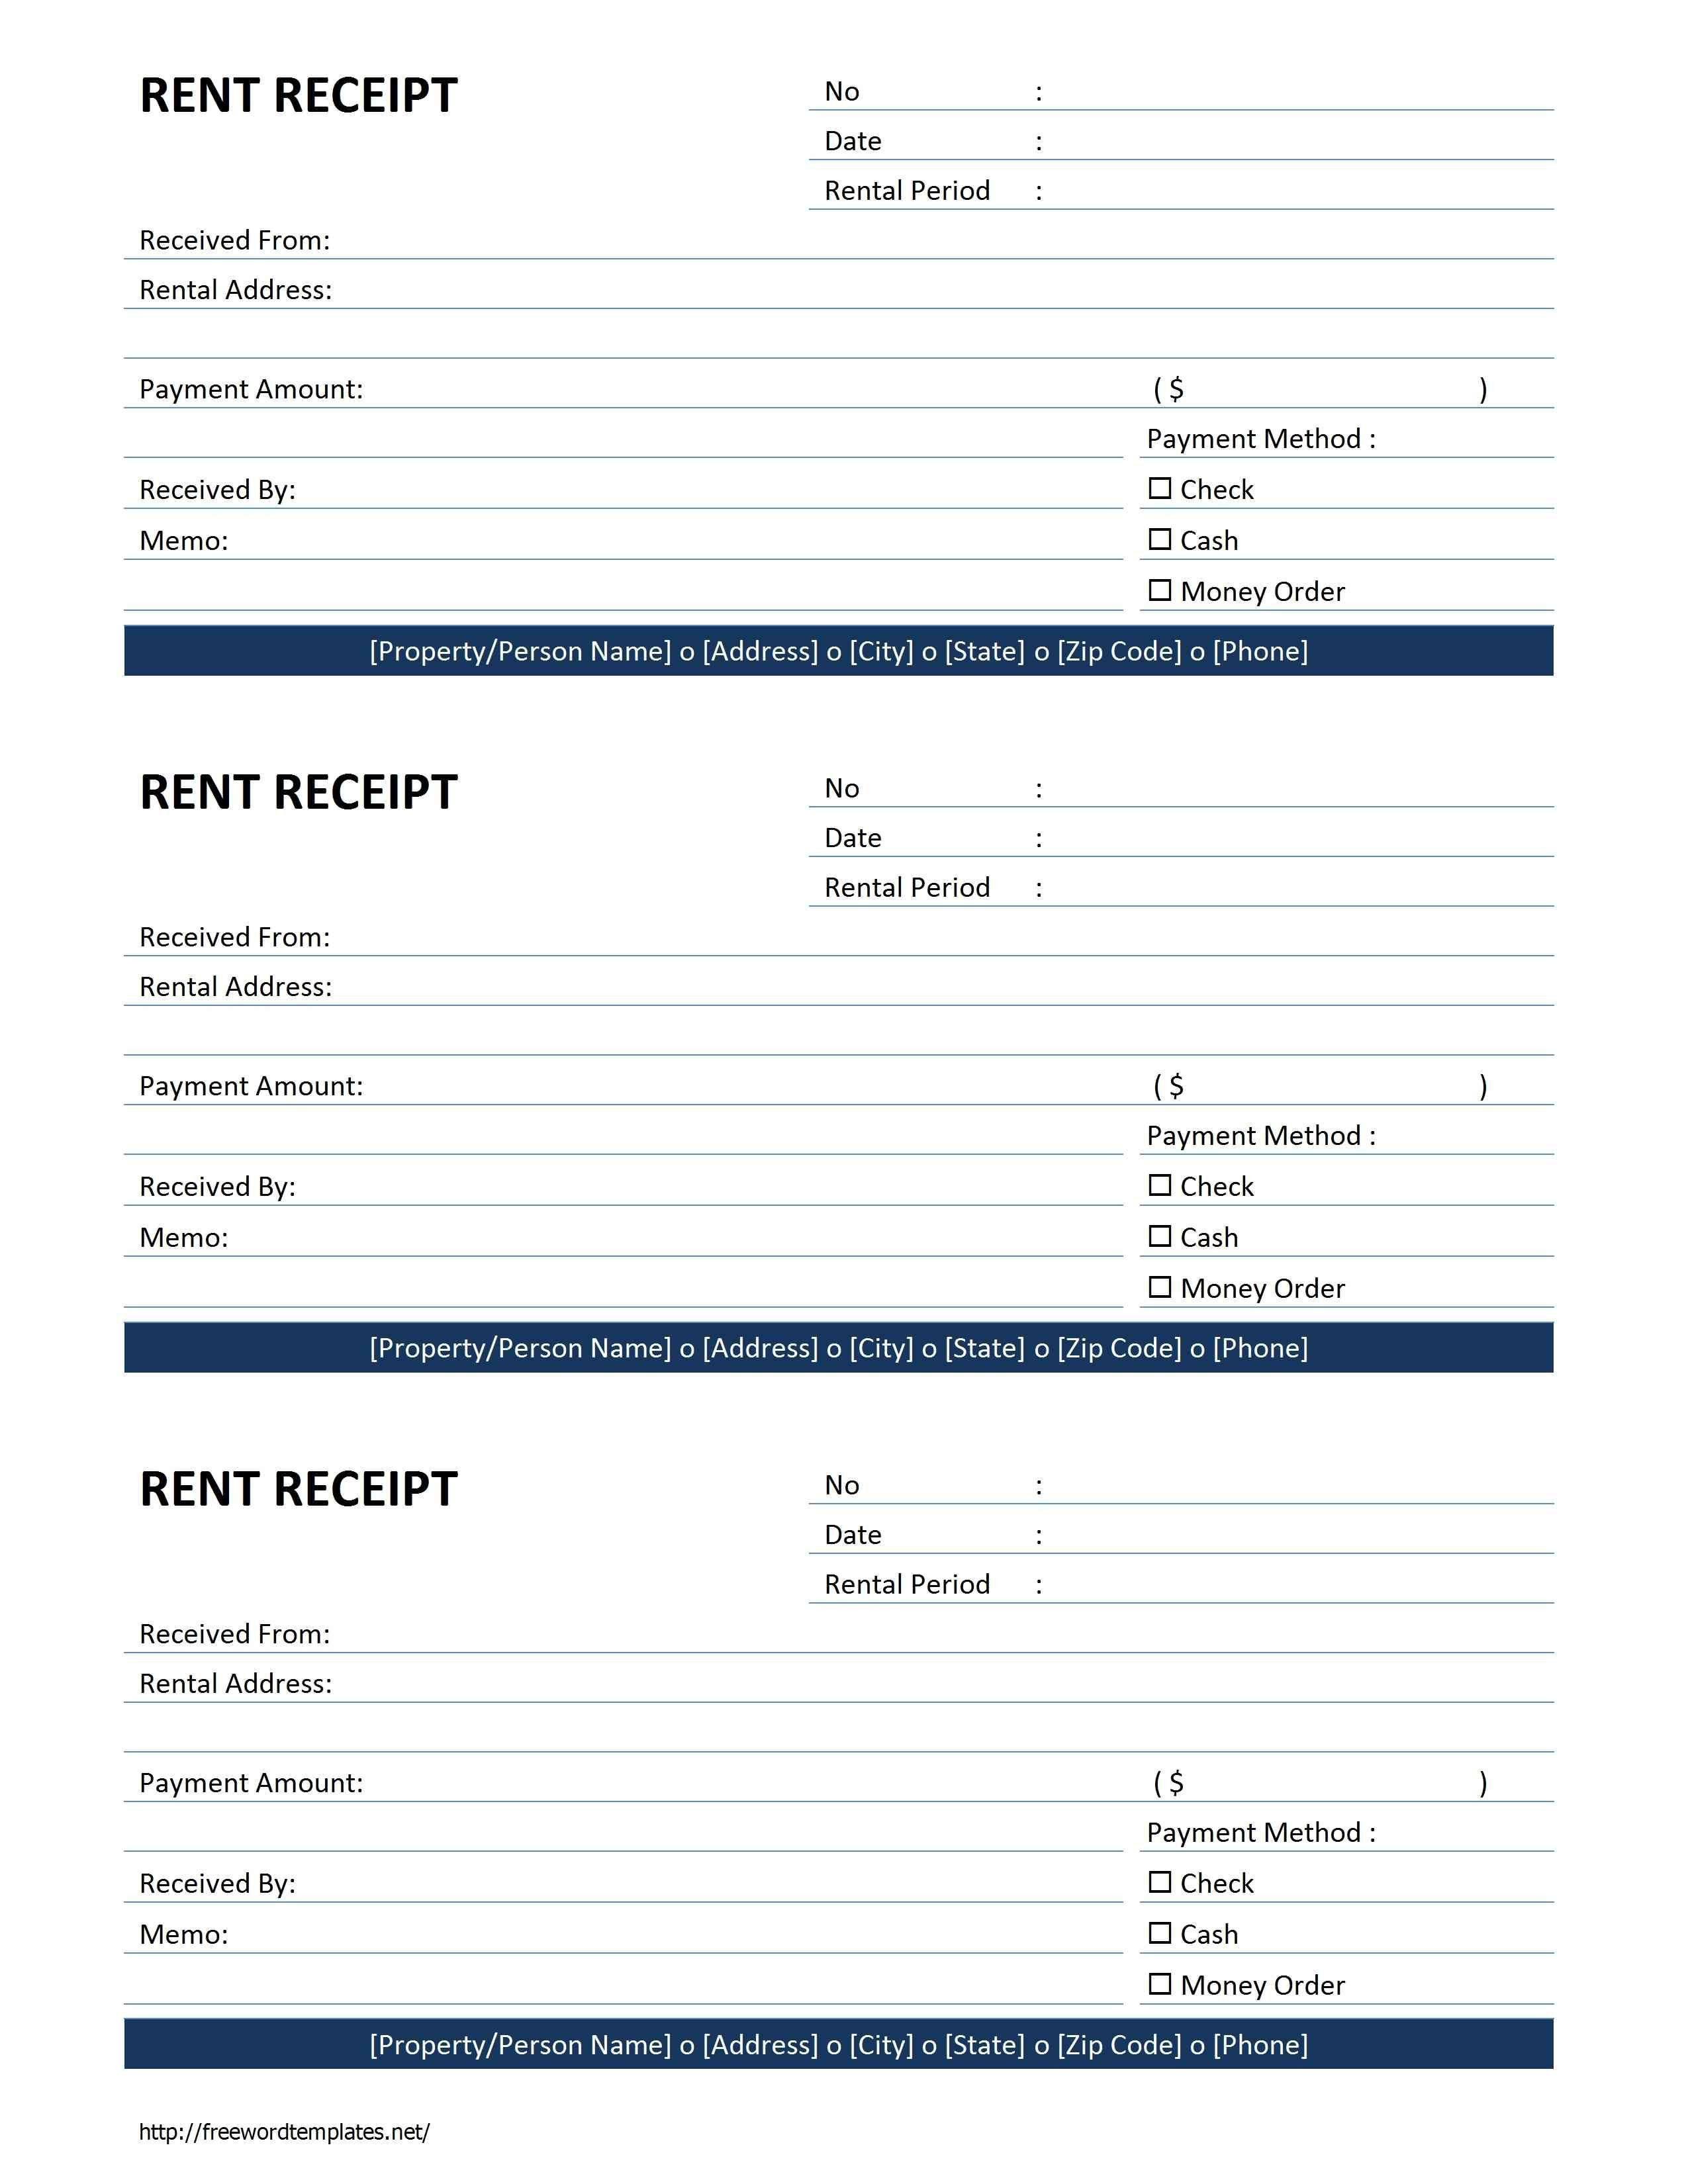 Free Rent Receipt Template High Class Rent Receipt Template Of 32 Special Free Rent Receipt T Receipt Template Invoice Template Word Invoice Template